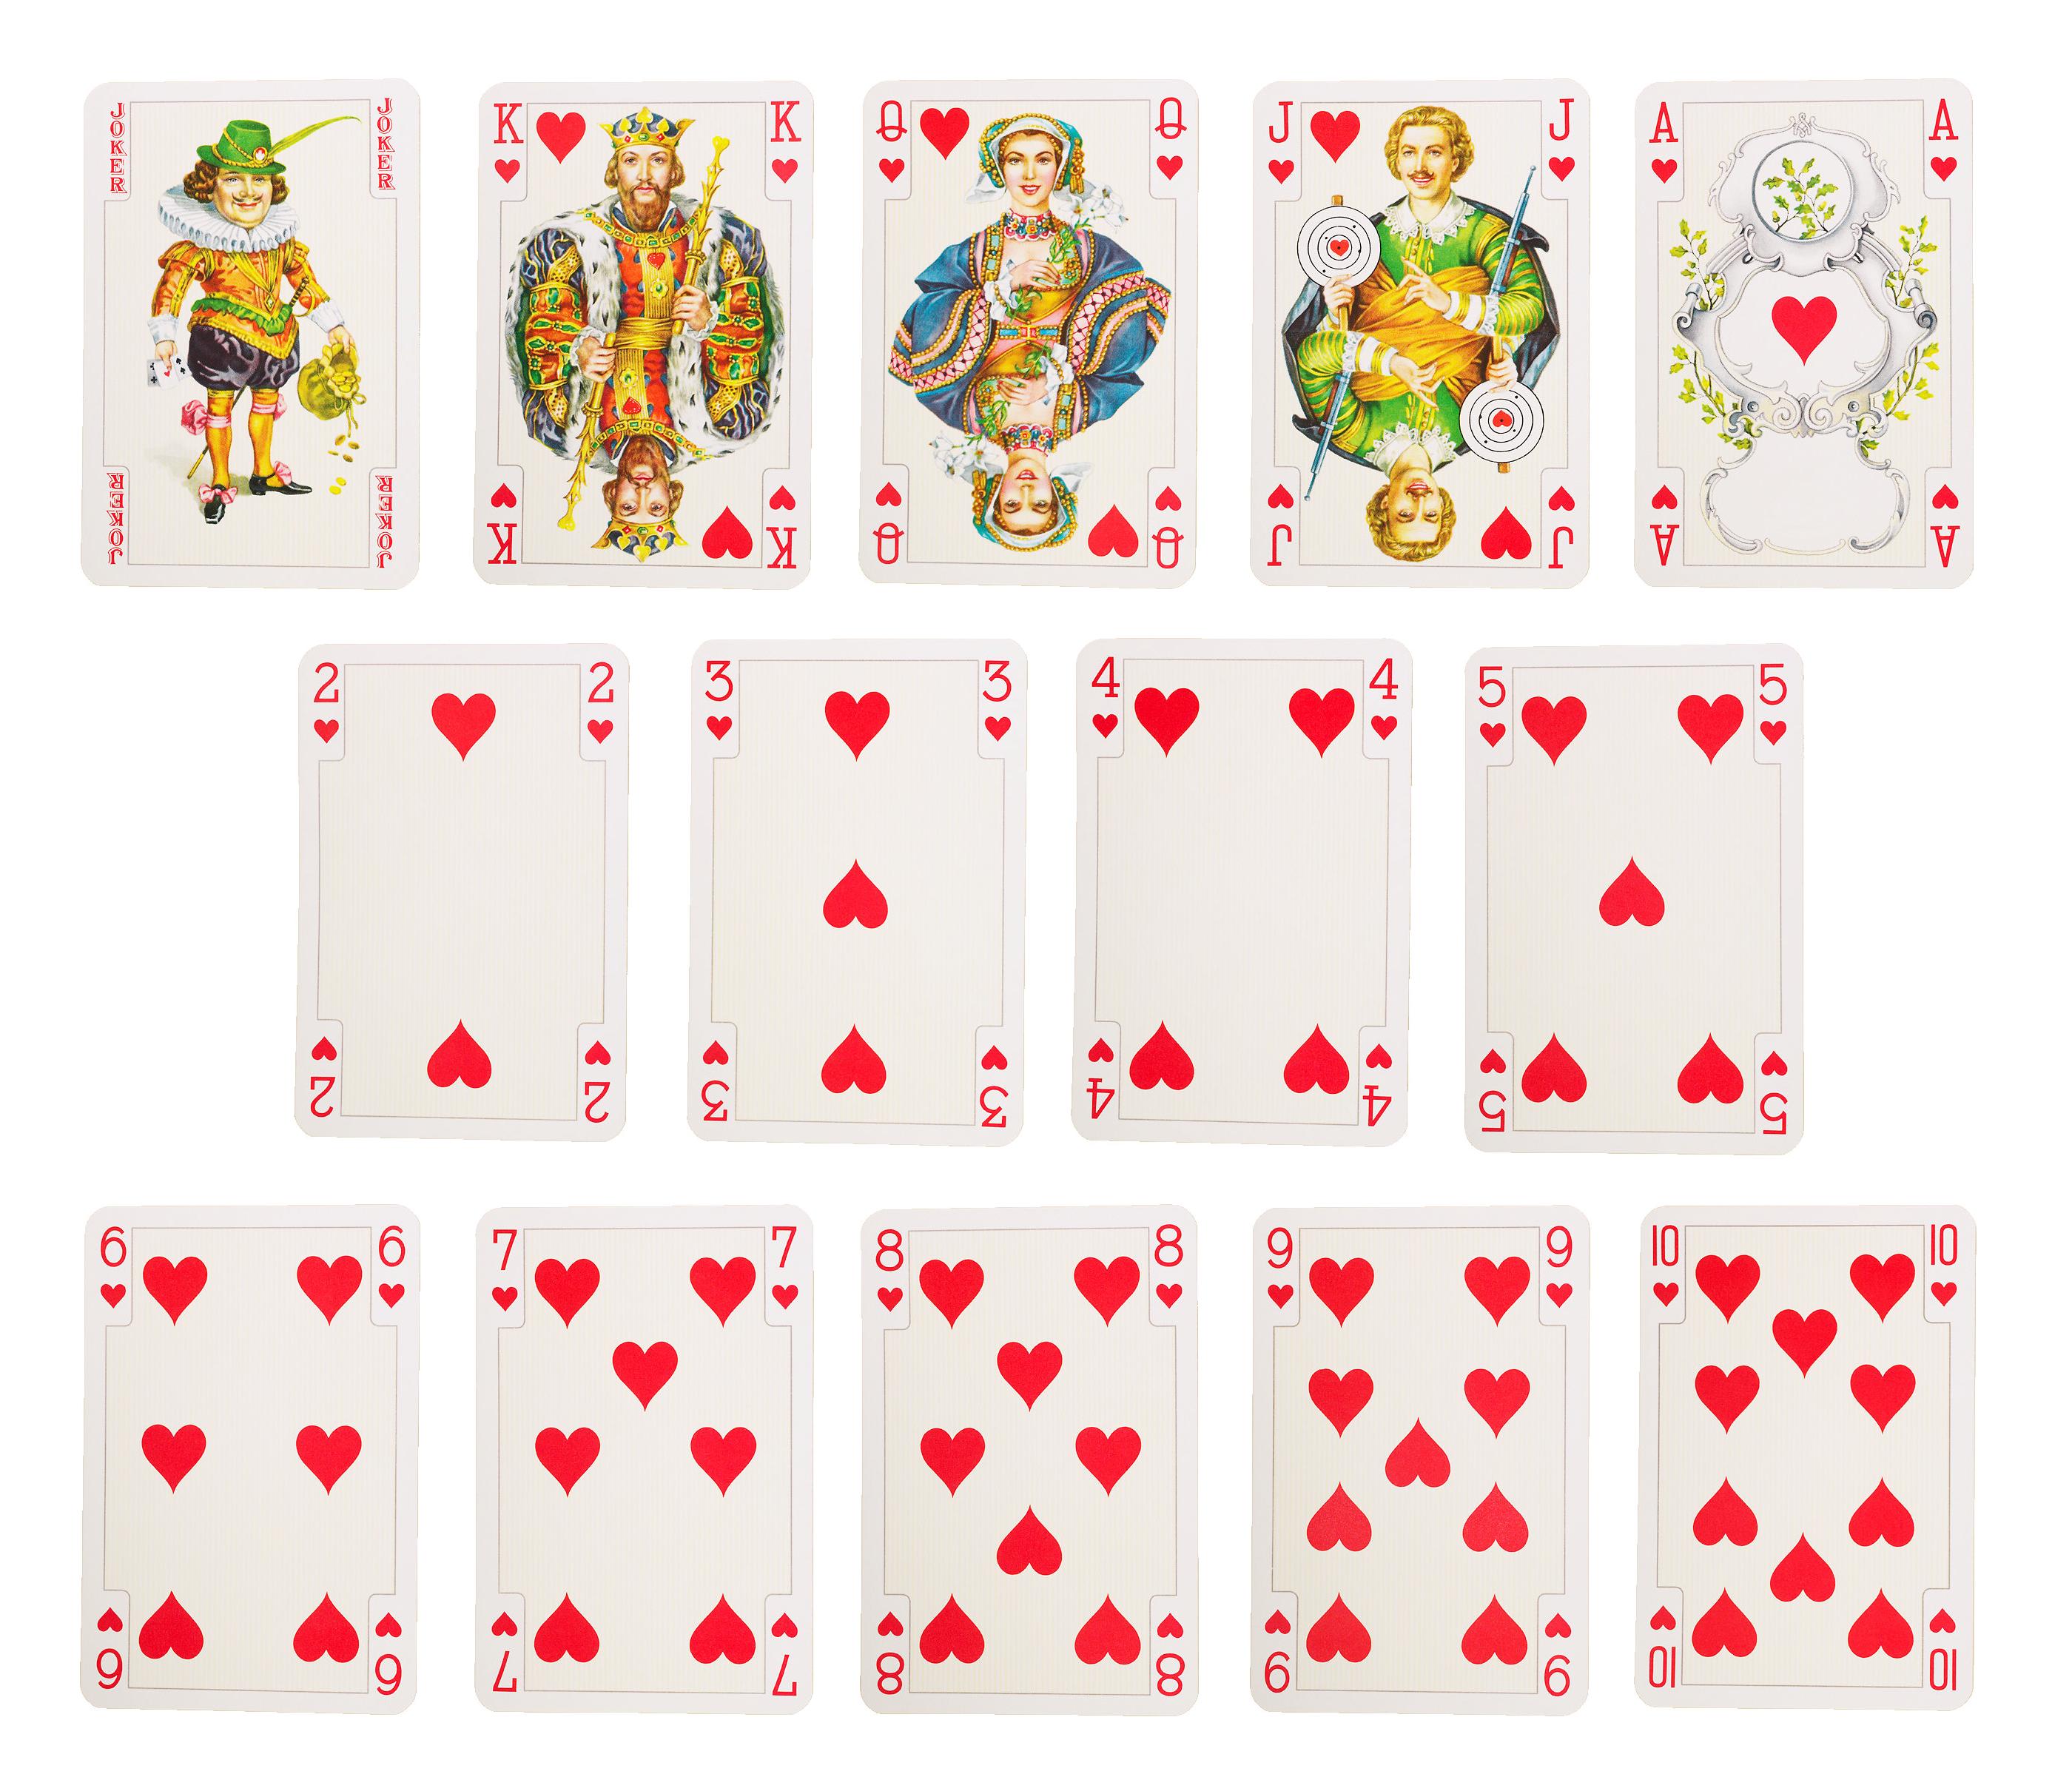 image free Playing Card